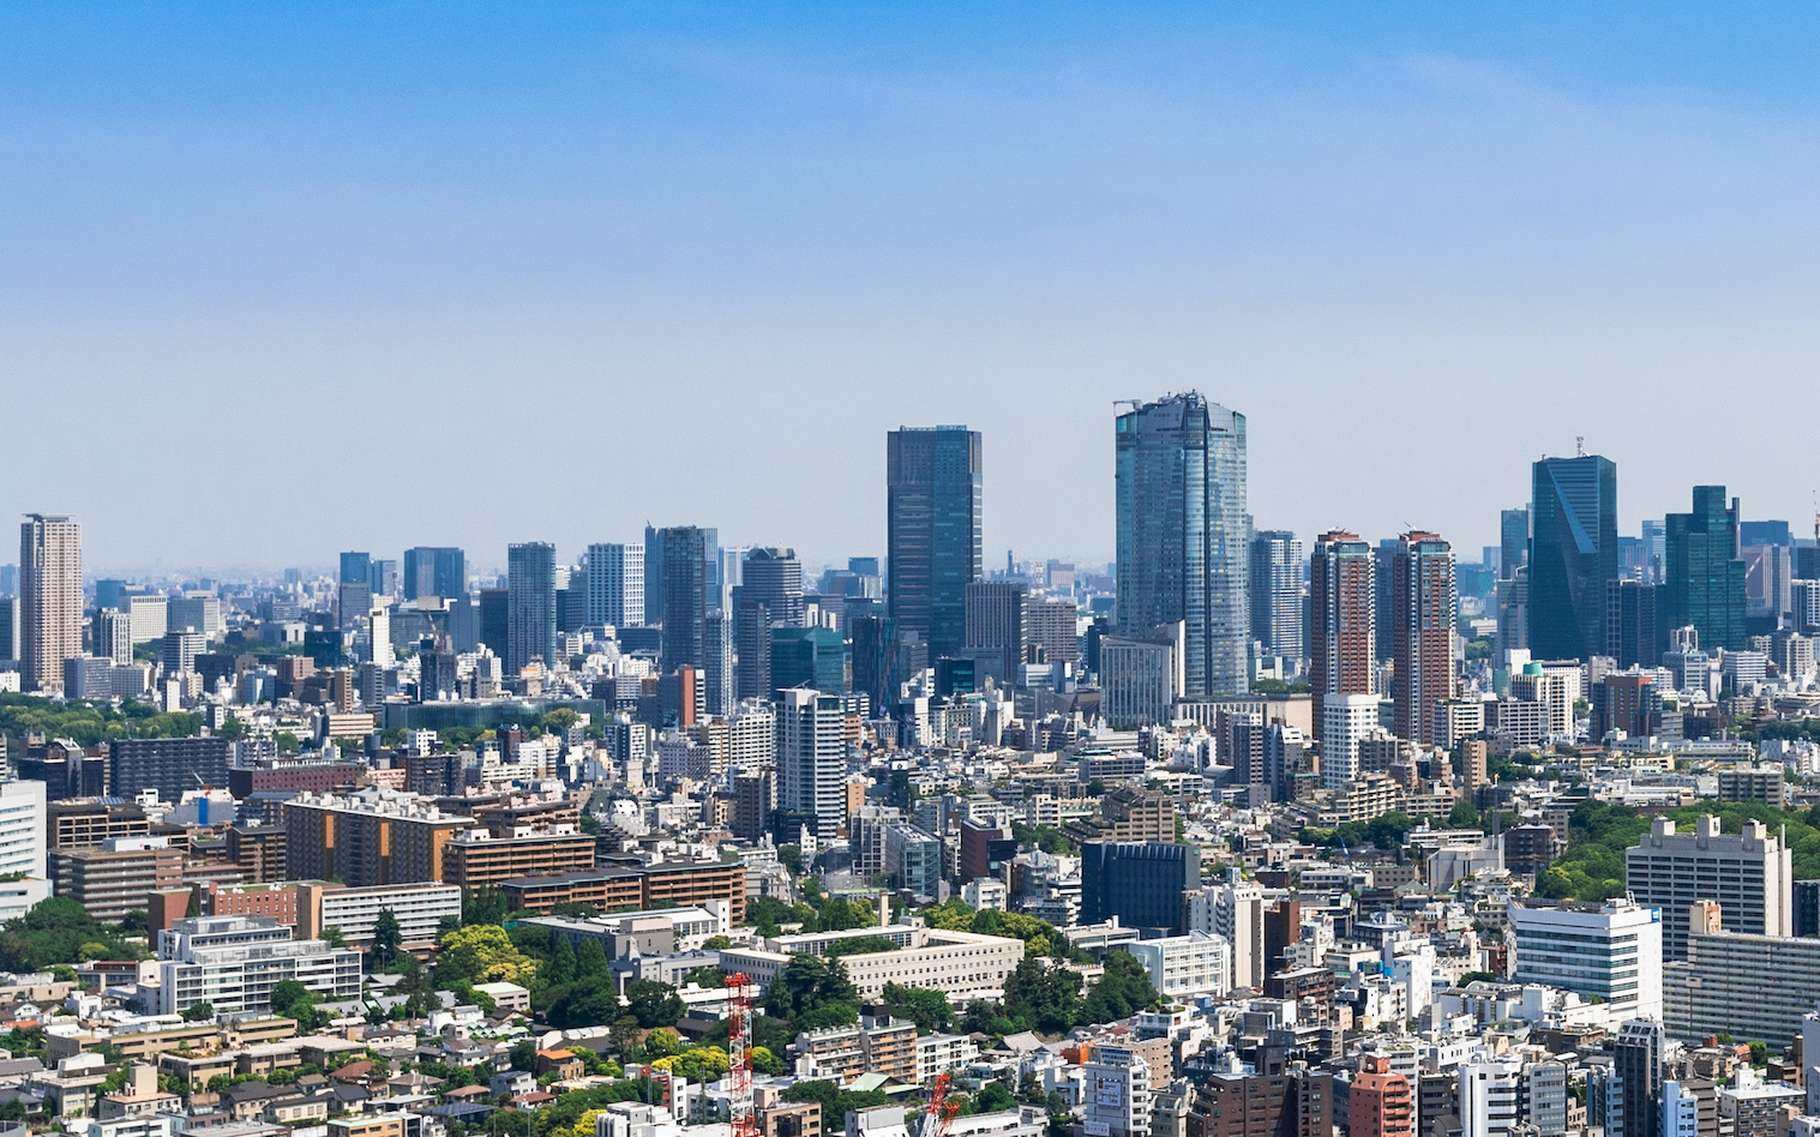 Selon une nouvelle étude, les émissions de CO2 et d'autres polluants des centres urbains des pays industrialisés ont diminué entre 1970 et 2015. © oben901, Adobe Stock